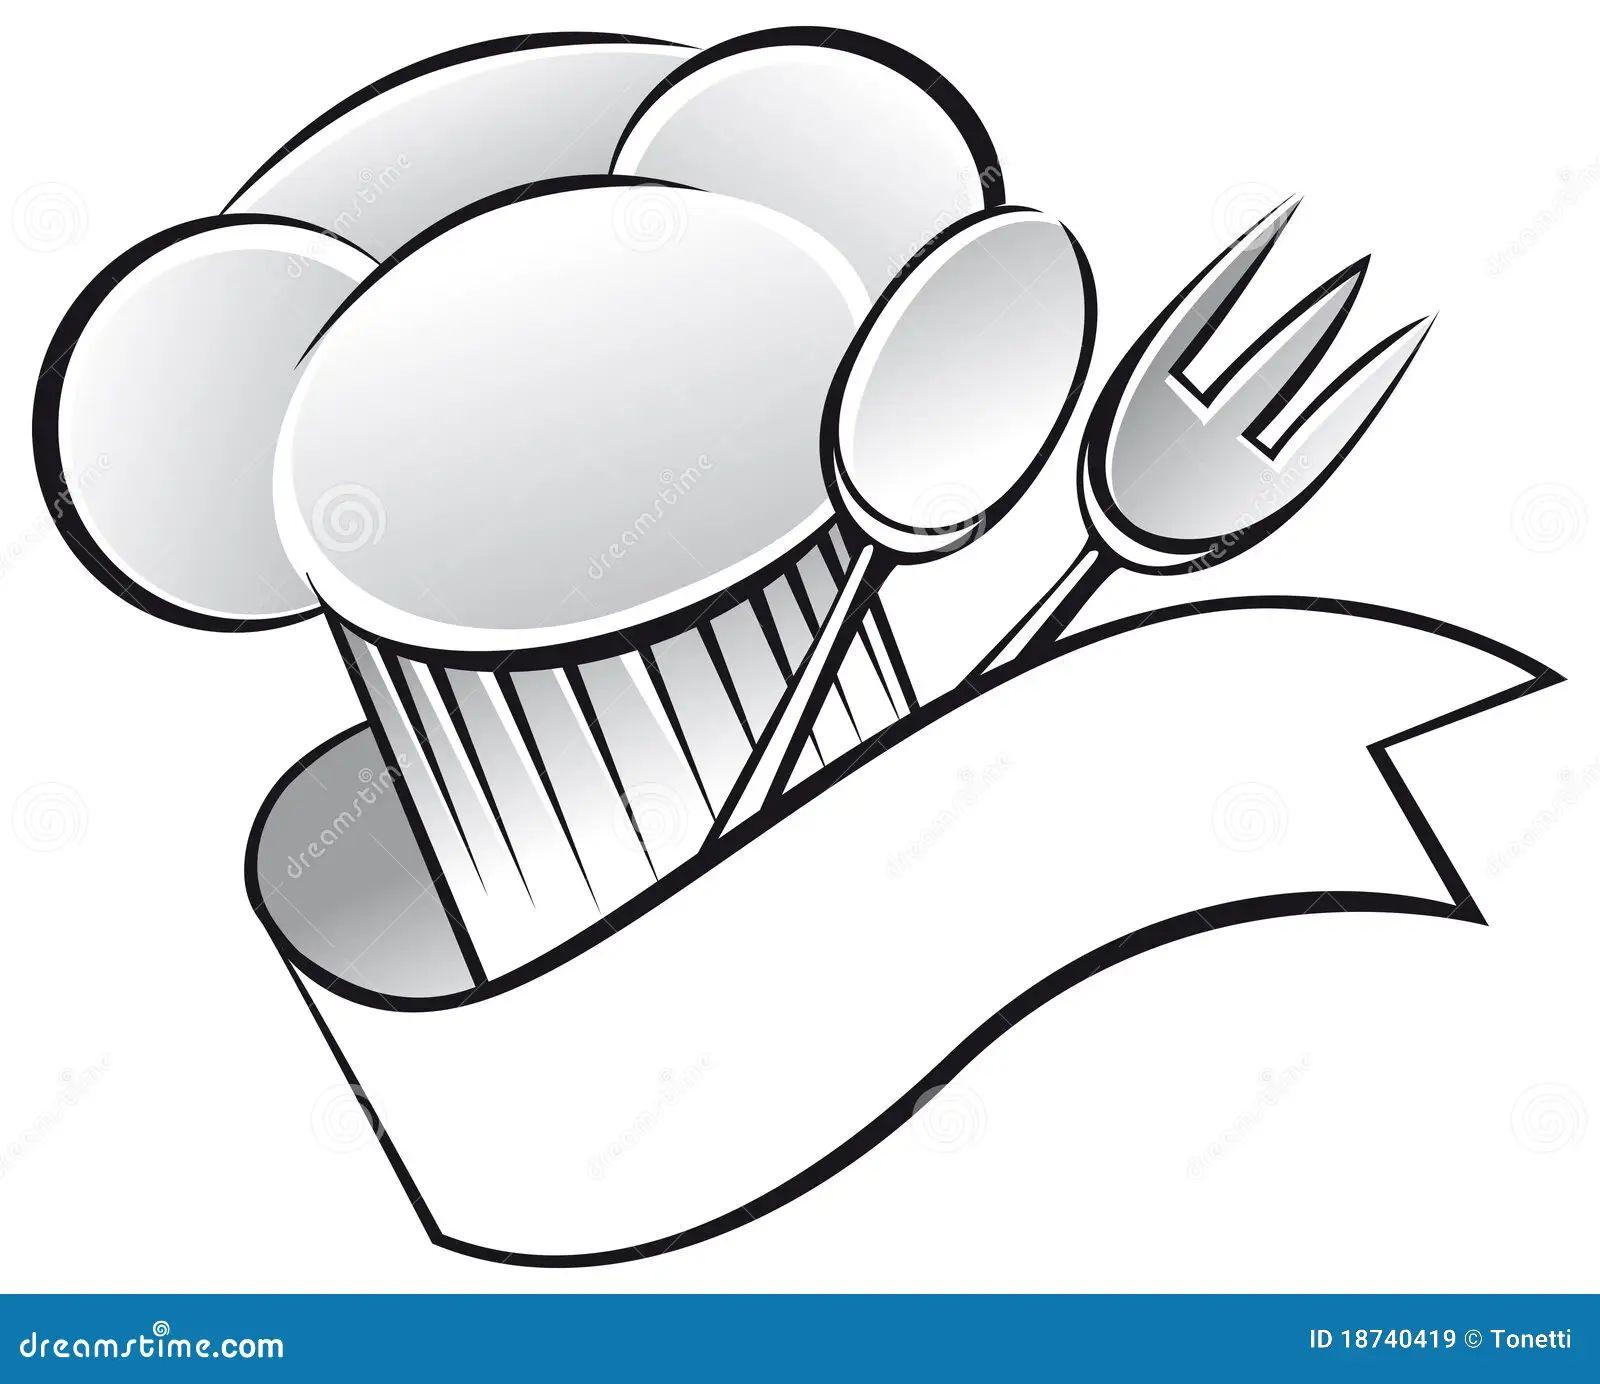 Kitchen svg kitchen utensils clipart restaurant clip art chef - Kitchen Svg Kitchen Utensils Clipart Restaurant Clip Art Chef Free Kitchen Utensils Svg Kitchen Svg